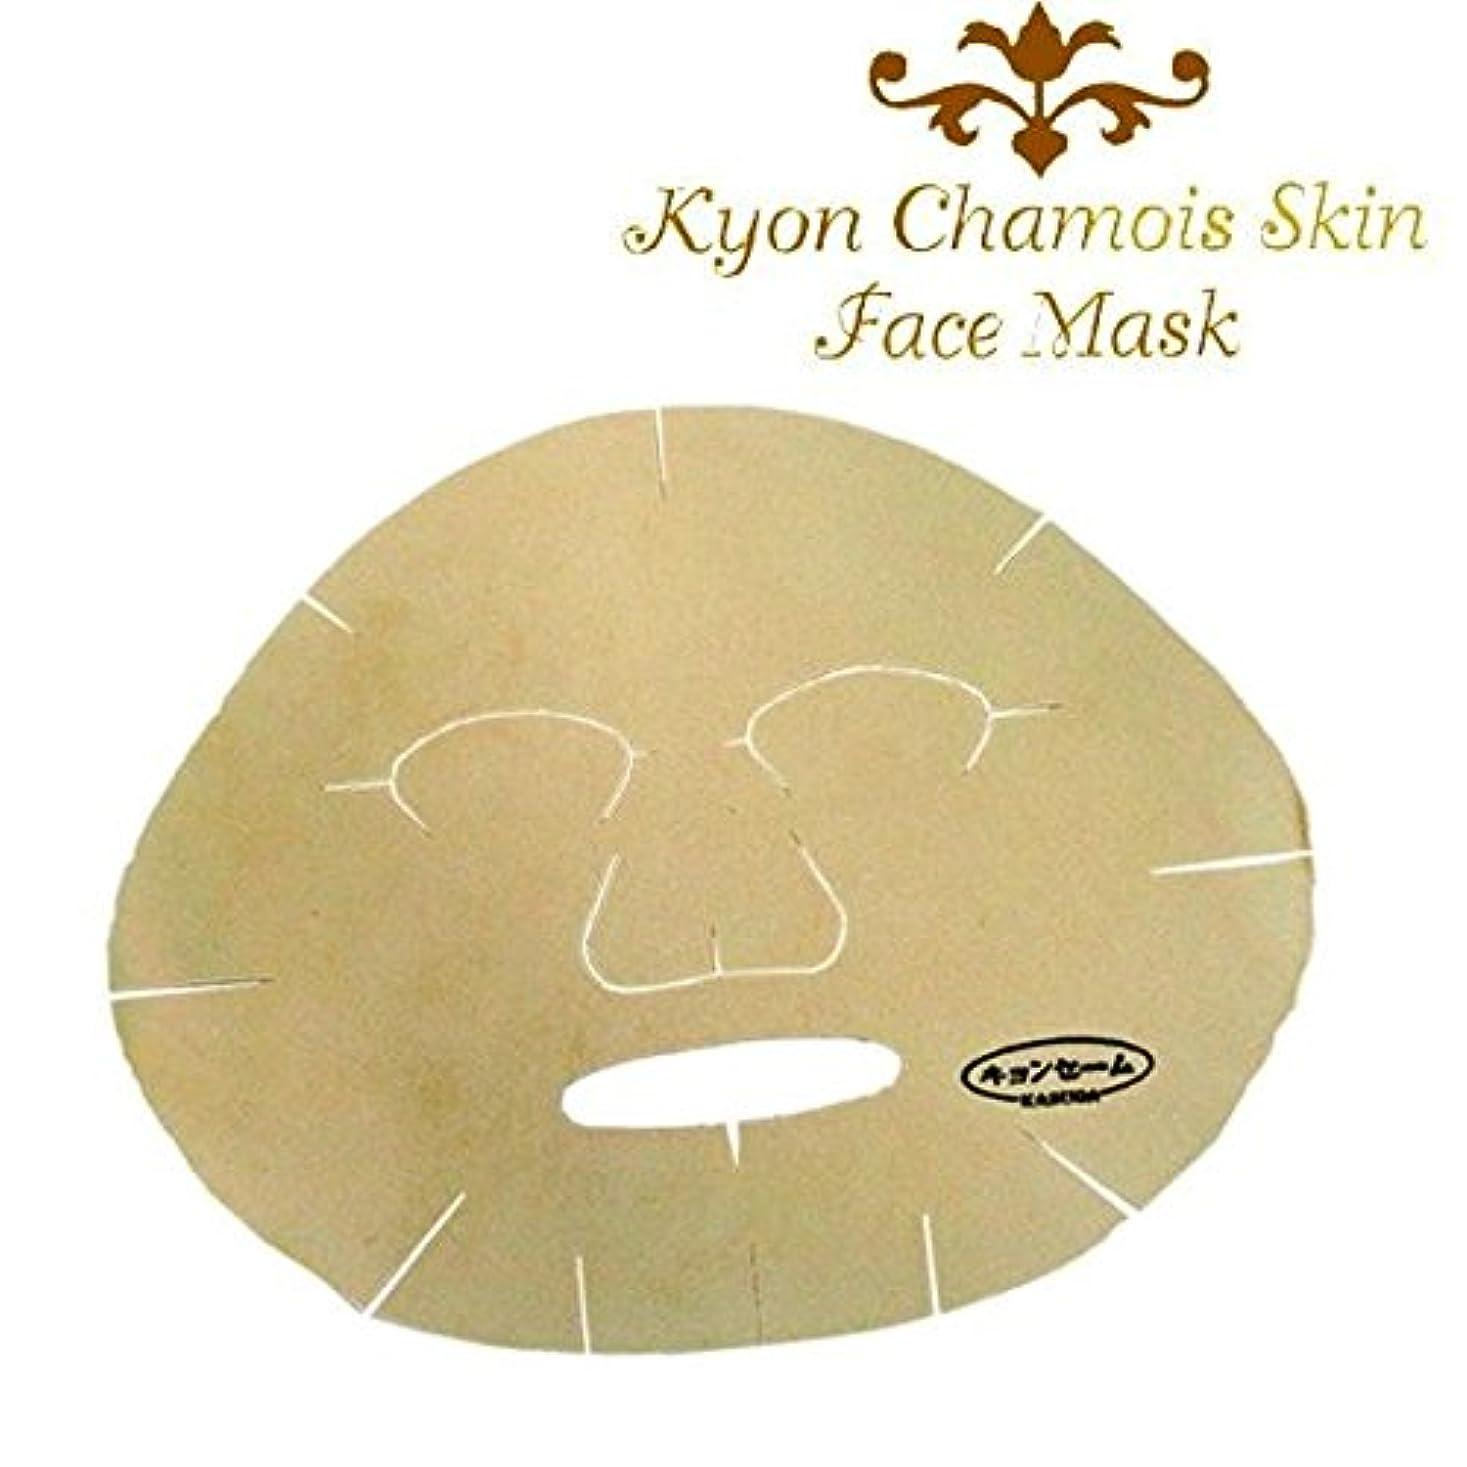 浸す泥より多い春日 スキンケア用キョンセーム フェイスマスク